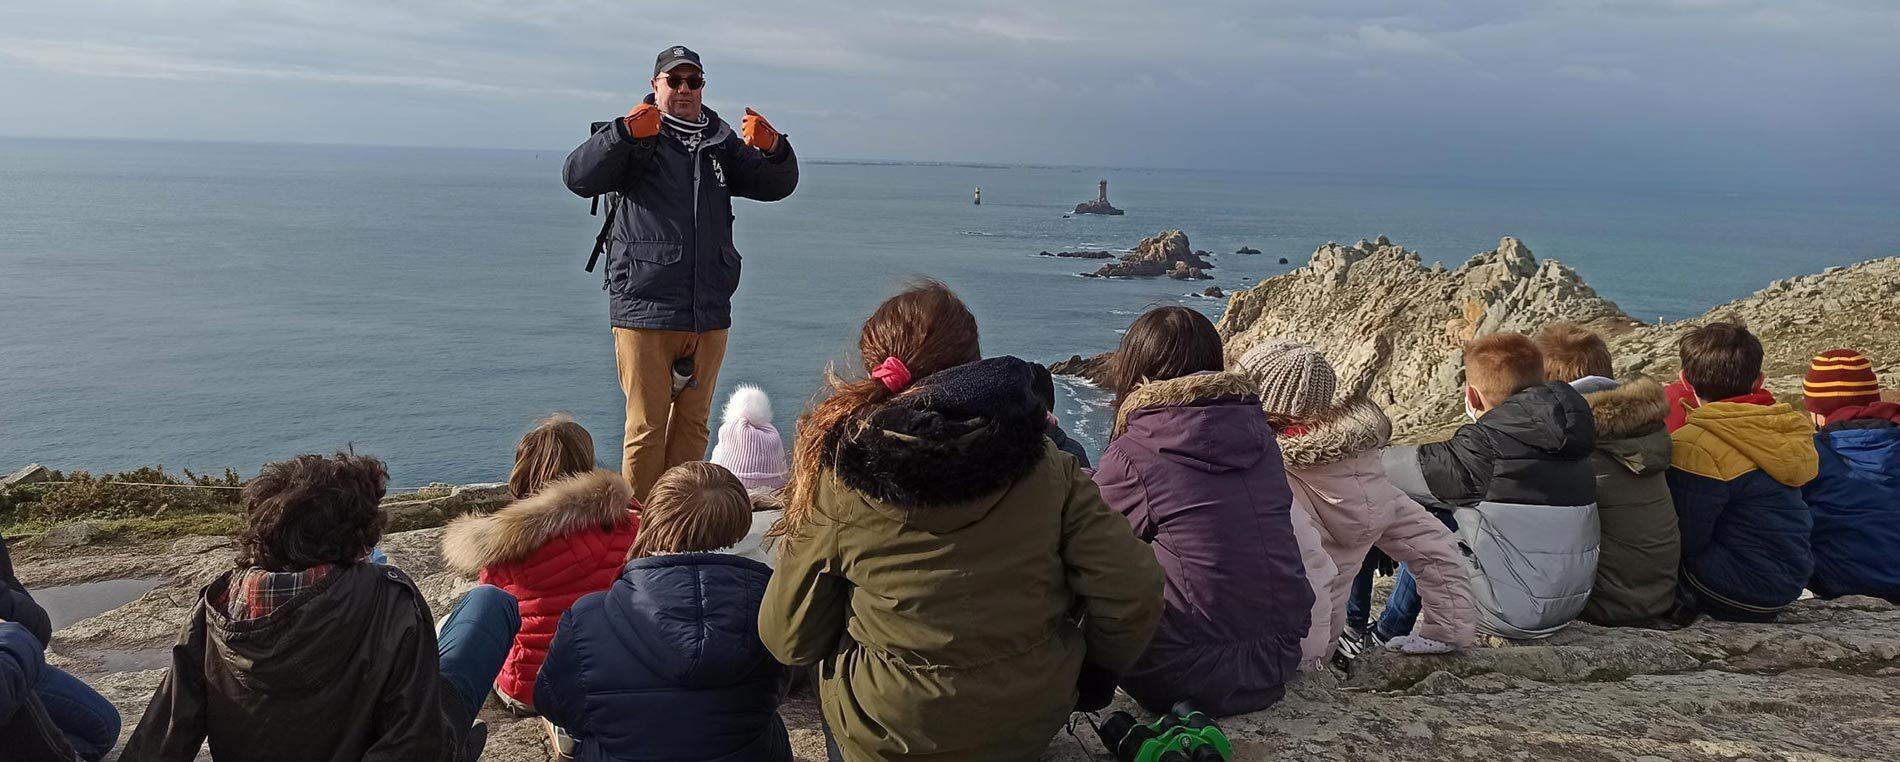 L'Écume des Vents, une grande aventure collective dans le Finistère